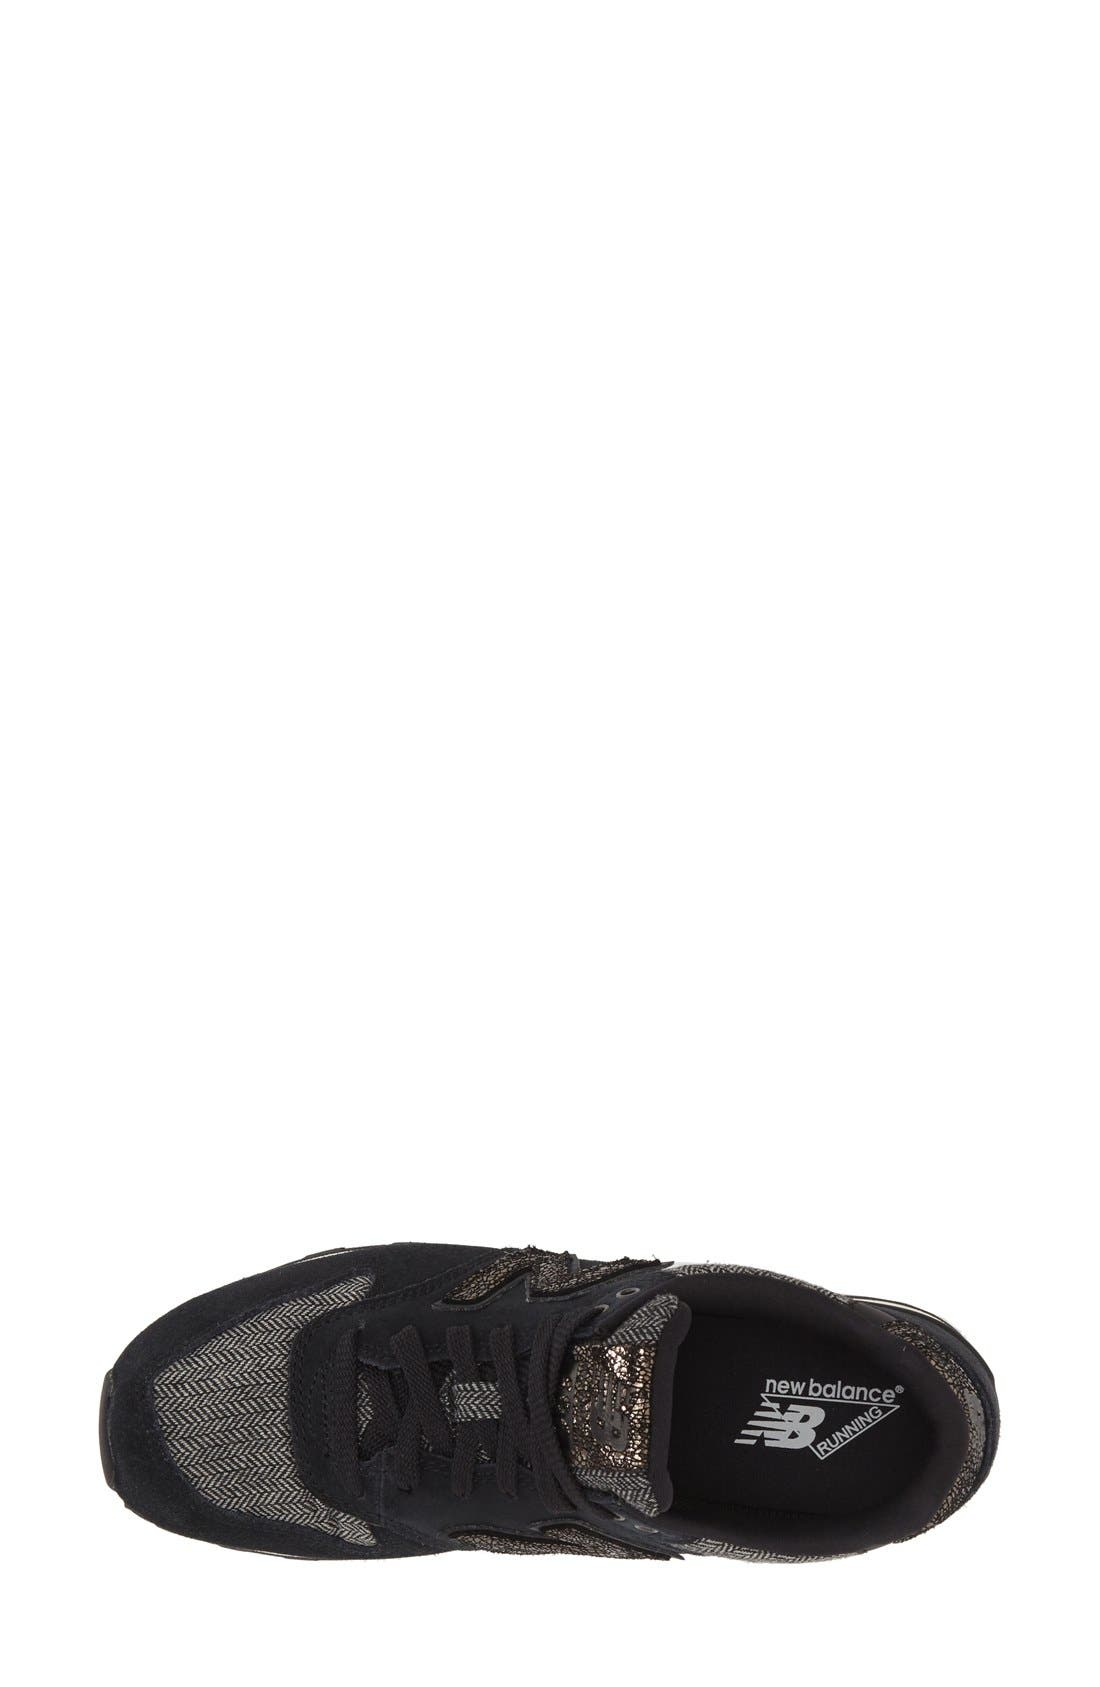 '696' Sneaker,                             Alternate thumbnail 3, color,                             001